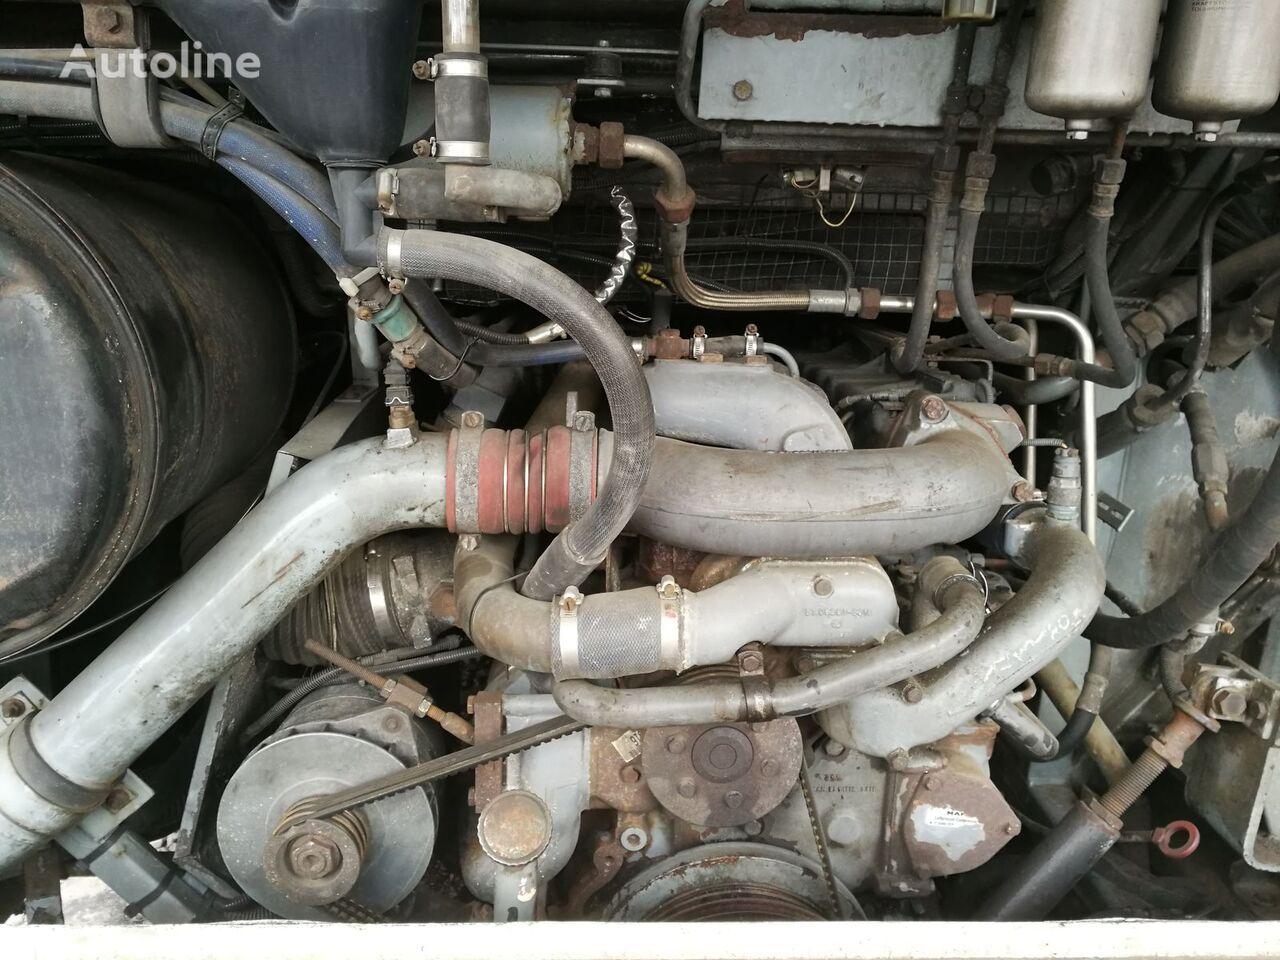 двигатель MAN D2866 LOH26 для автобуса MAN